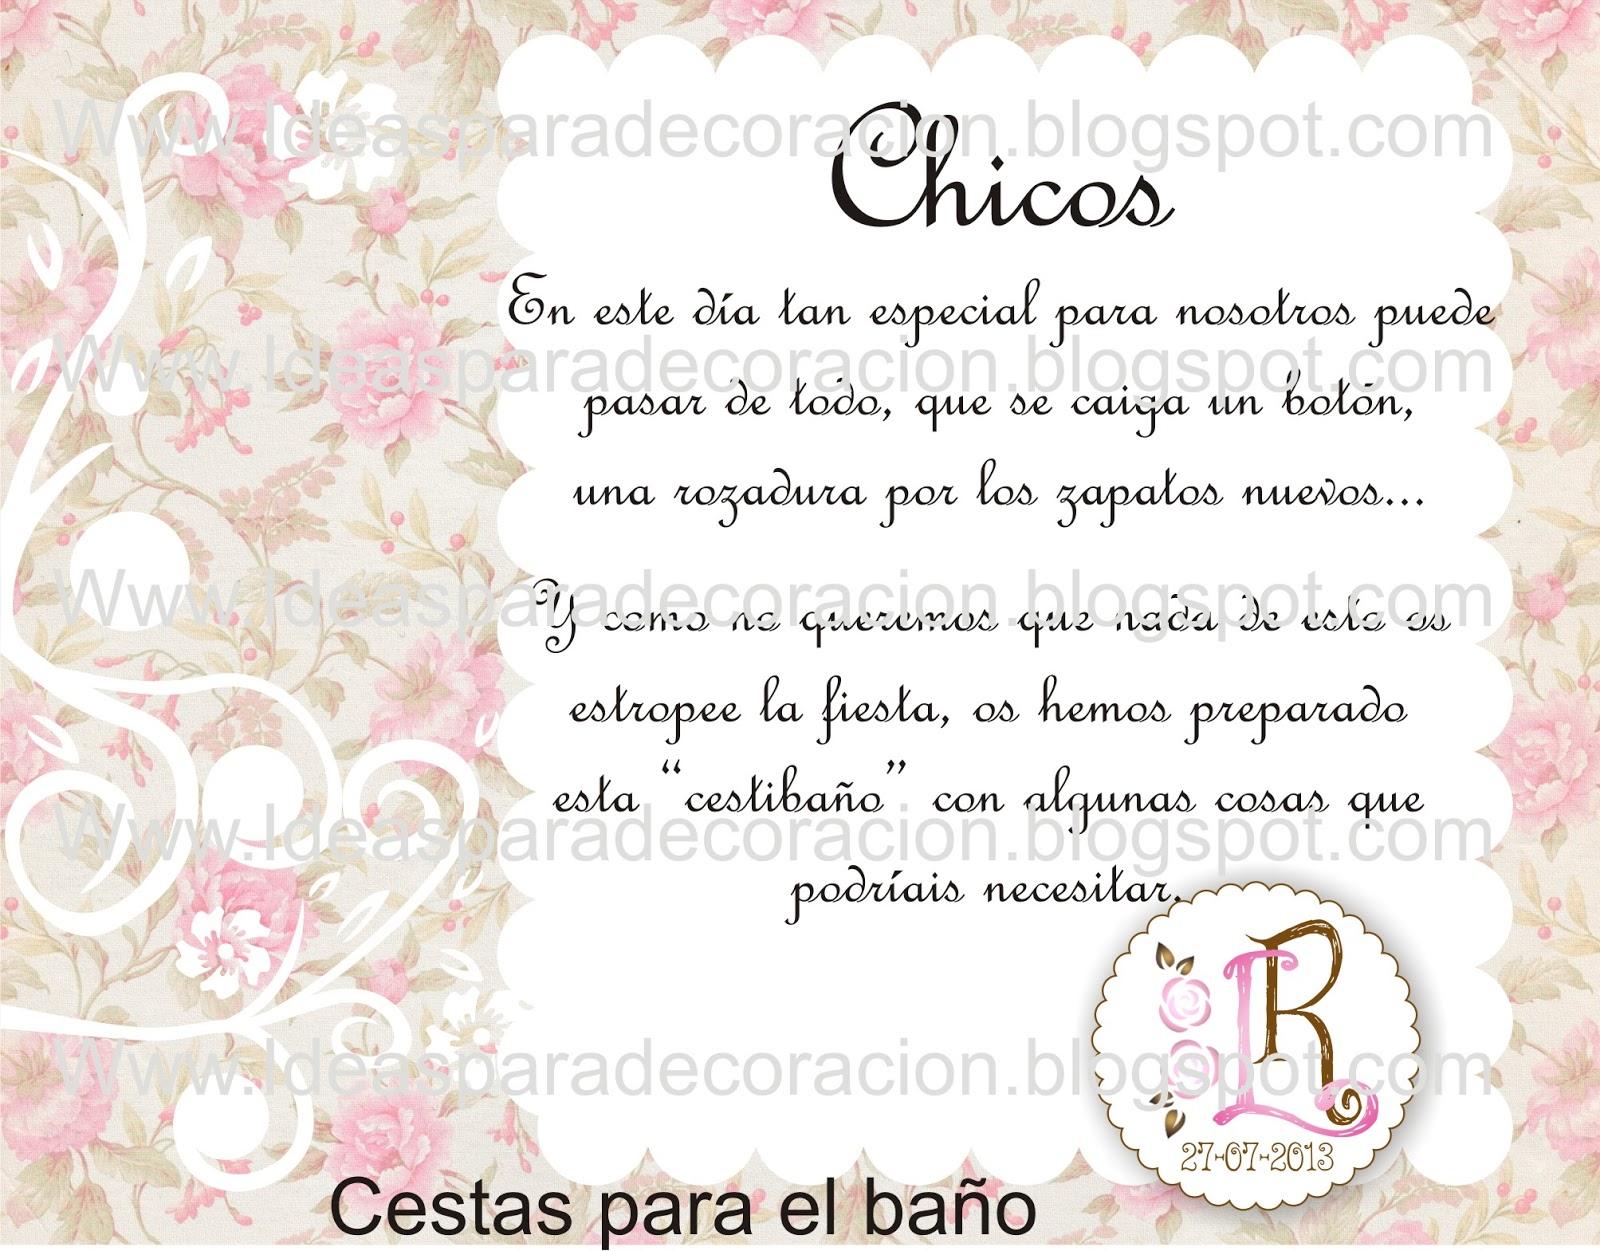 Decoracion Baño Boda:Ideas para la decoración de Fiestas Infantiles: Kit de boda floral